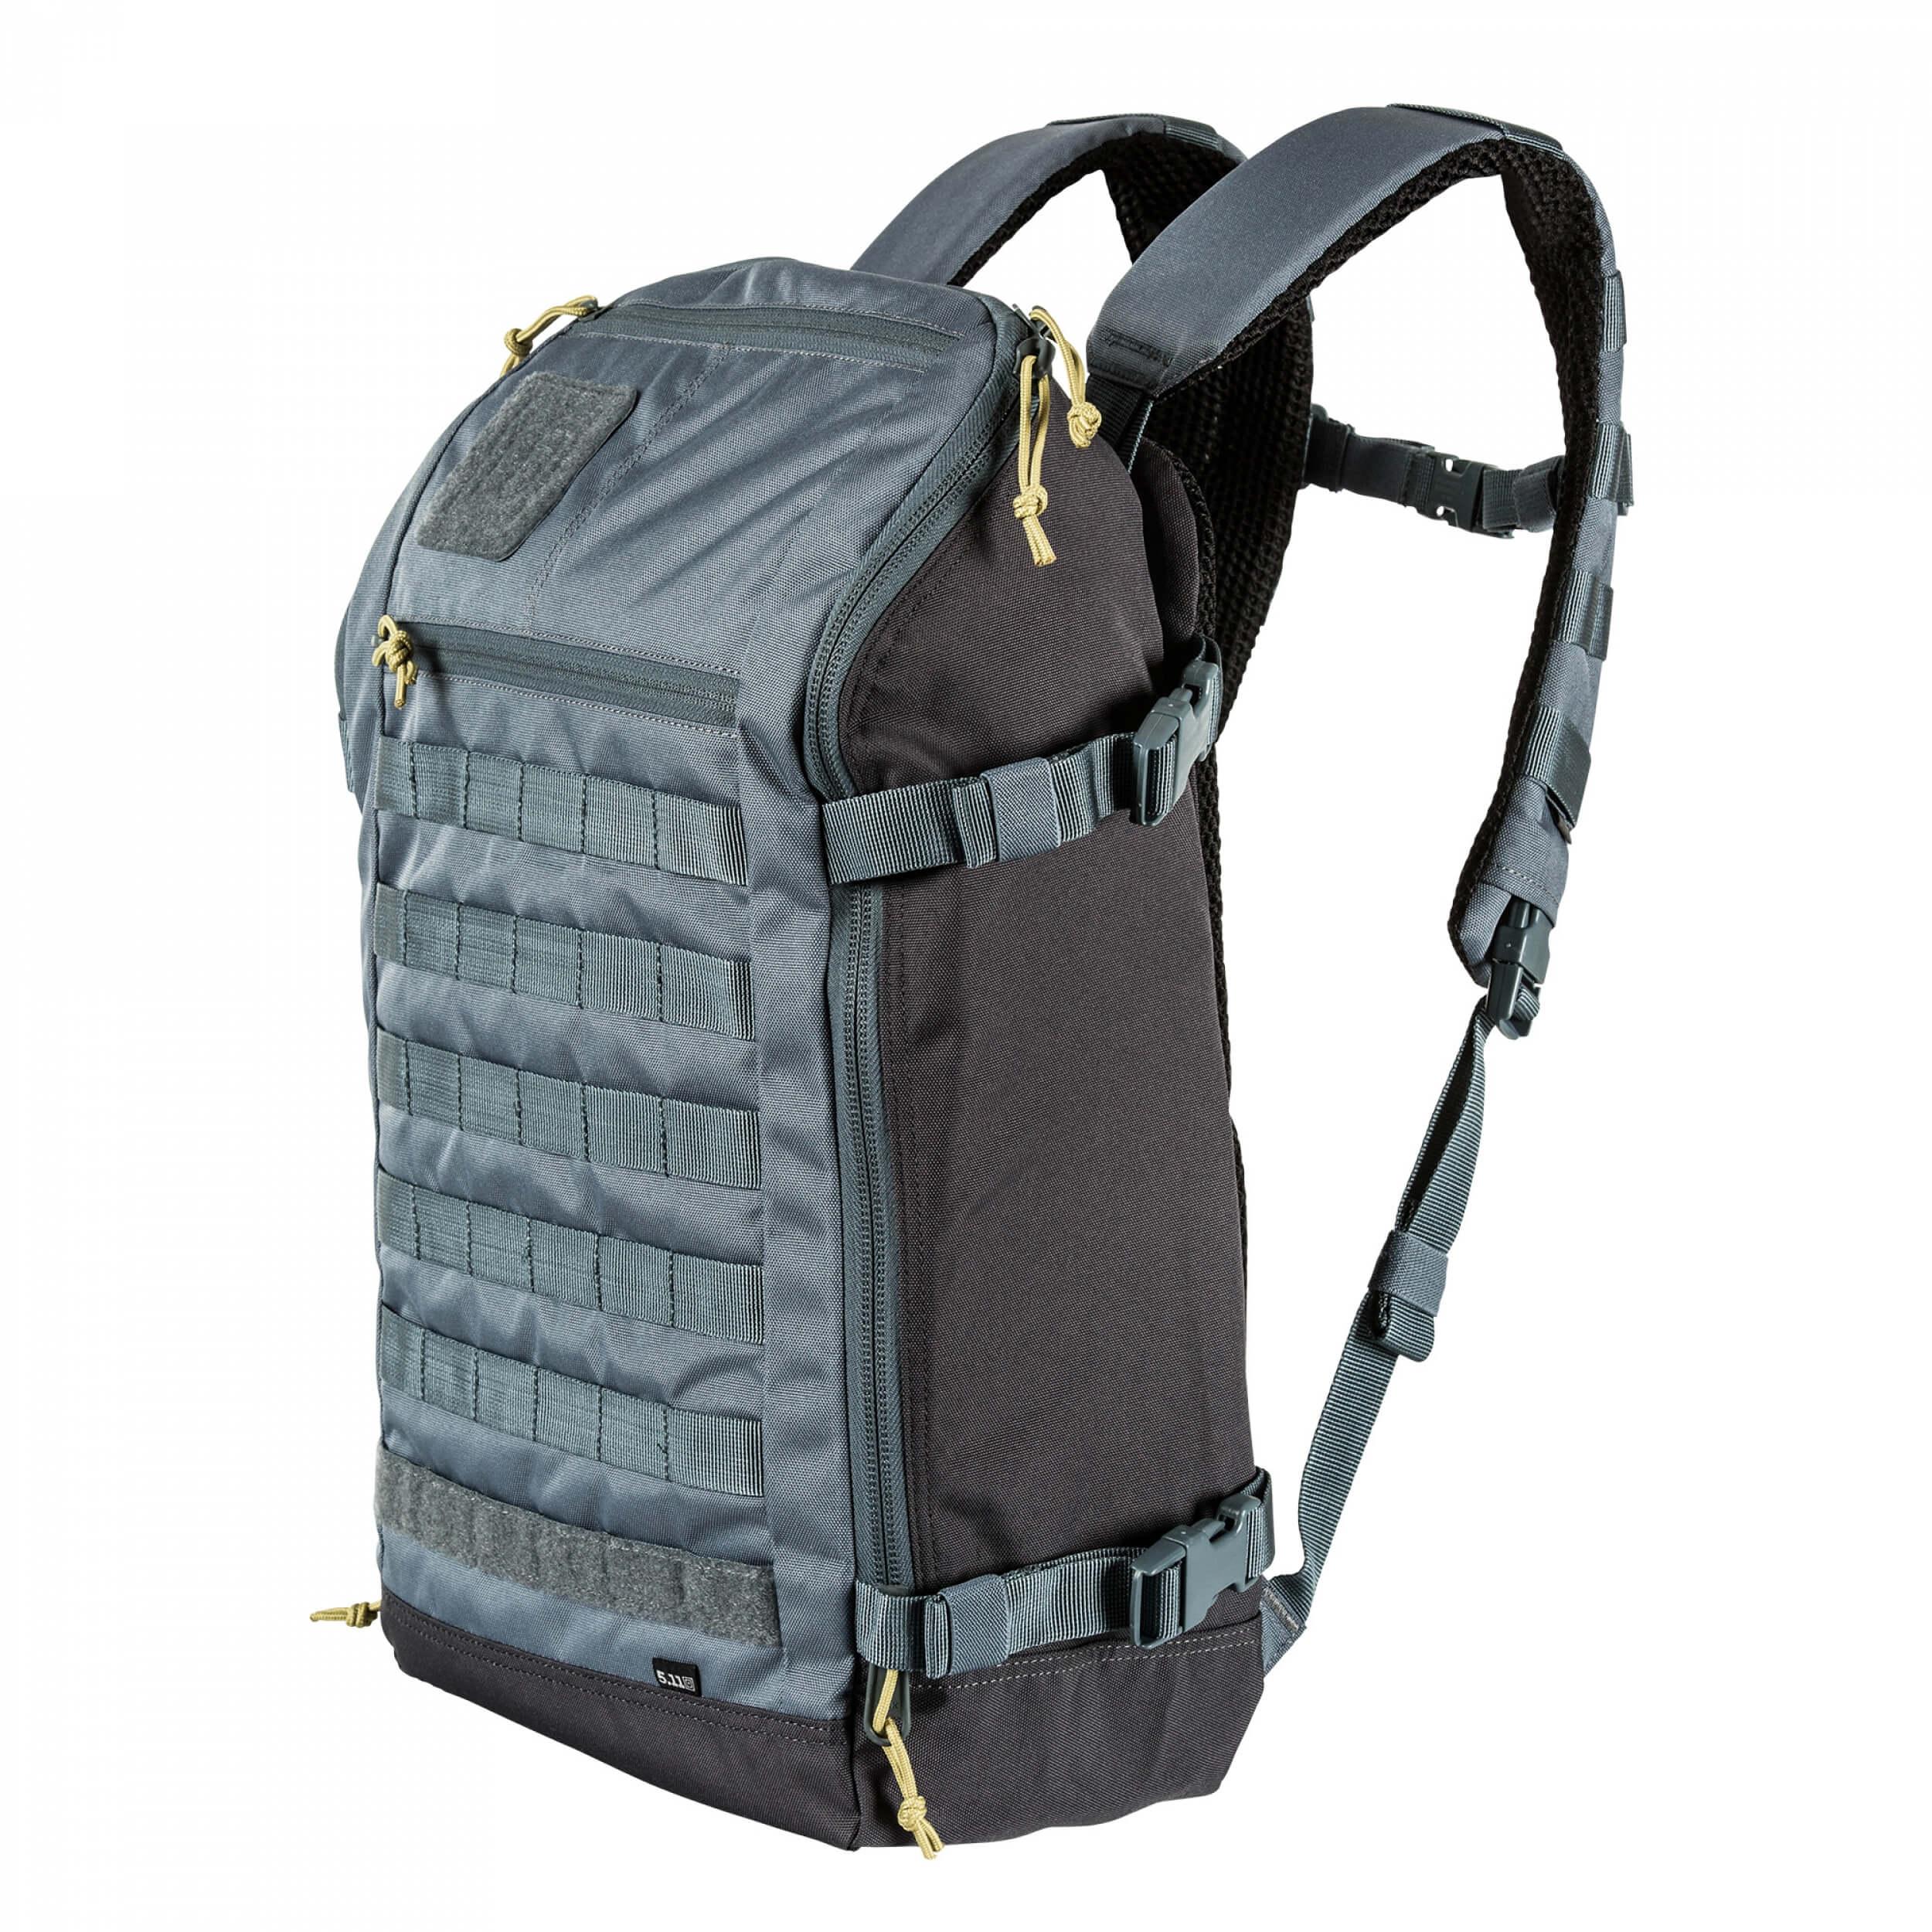 5.11 Tactical Rapid Quad Zip Pack - verschiede Farben